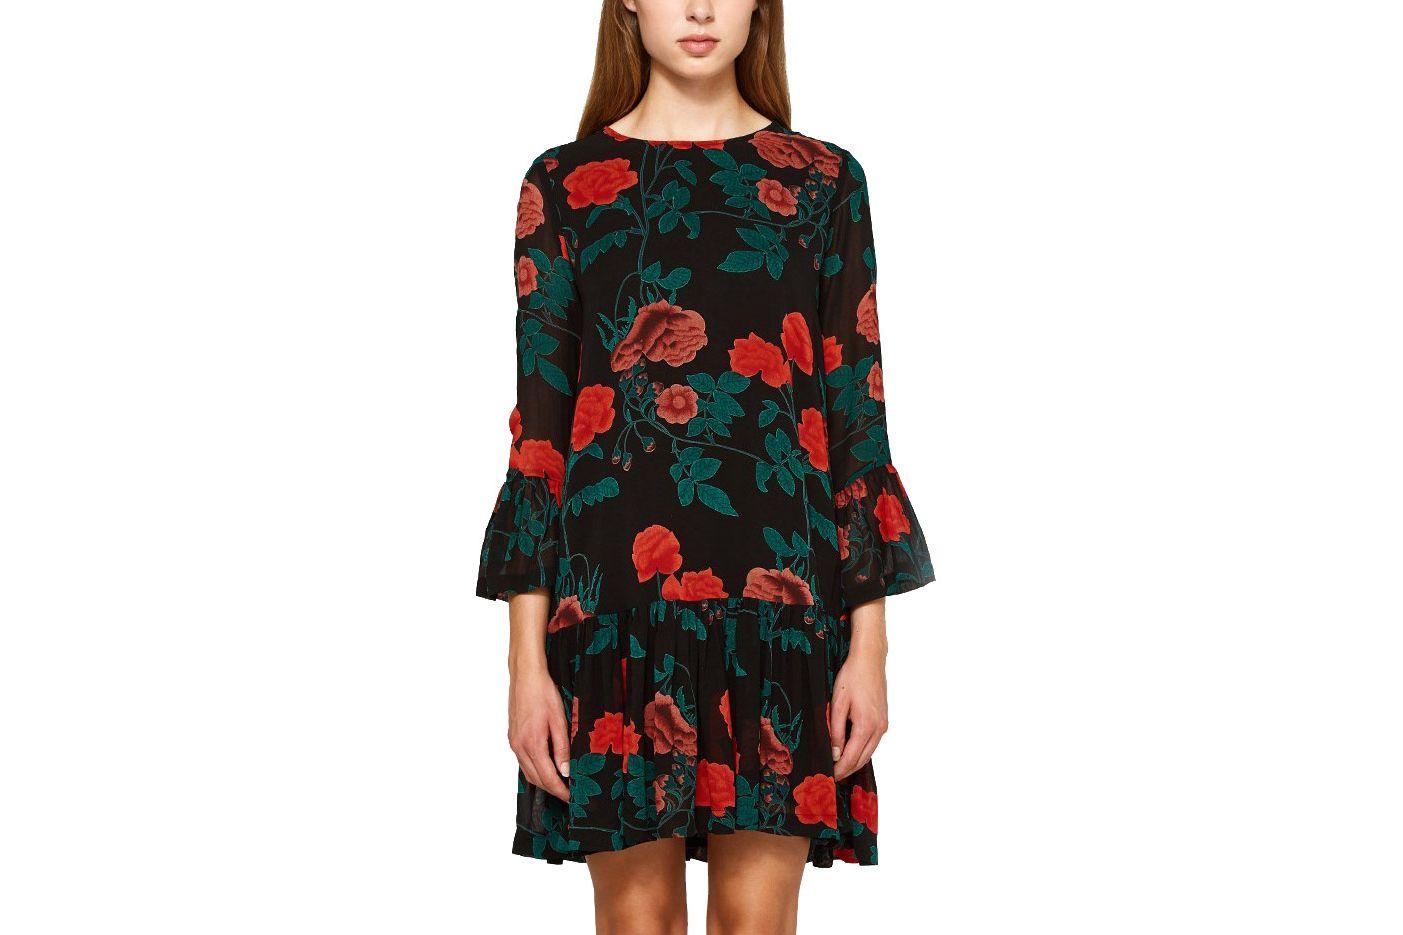 Ganni Newman Georgette Dress in Black